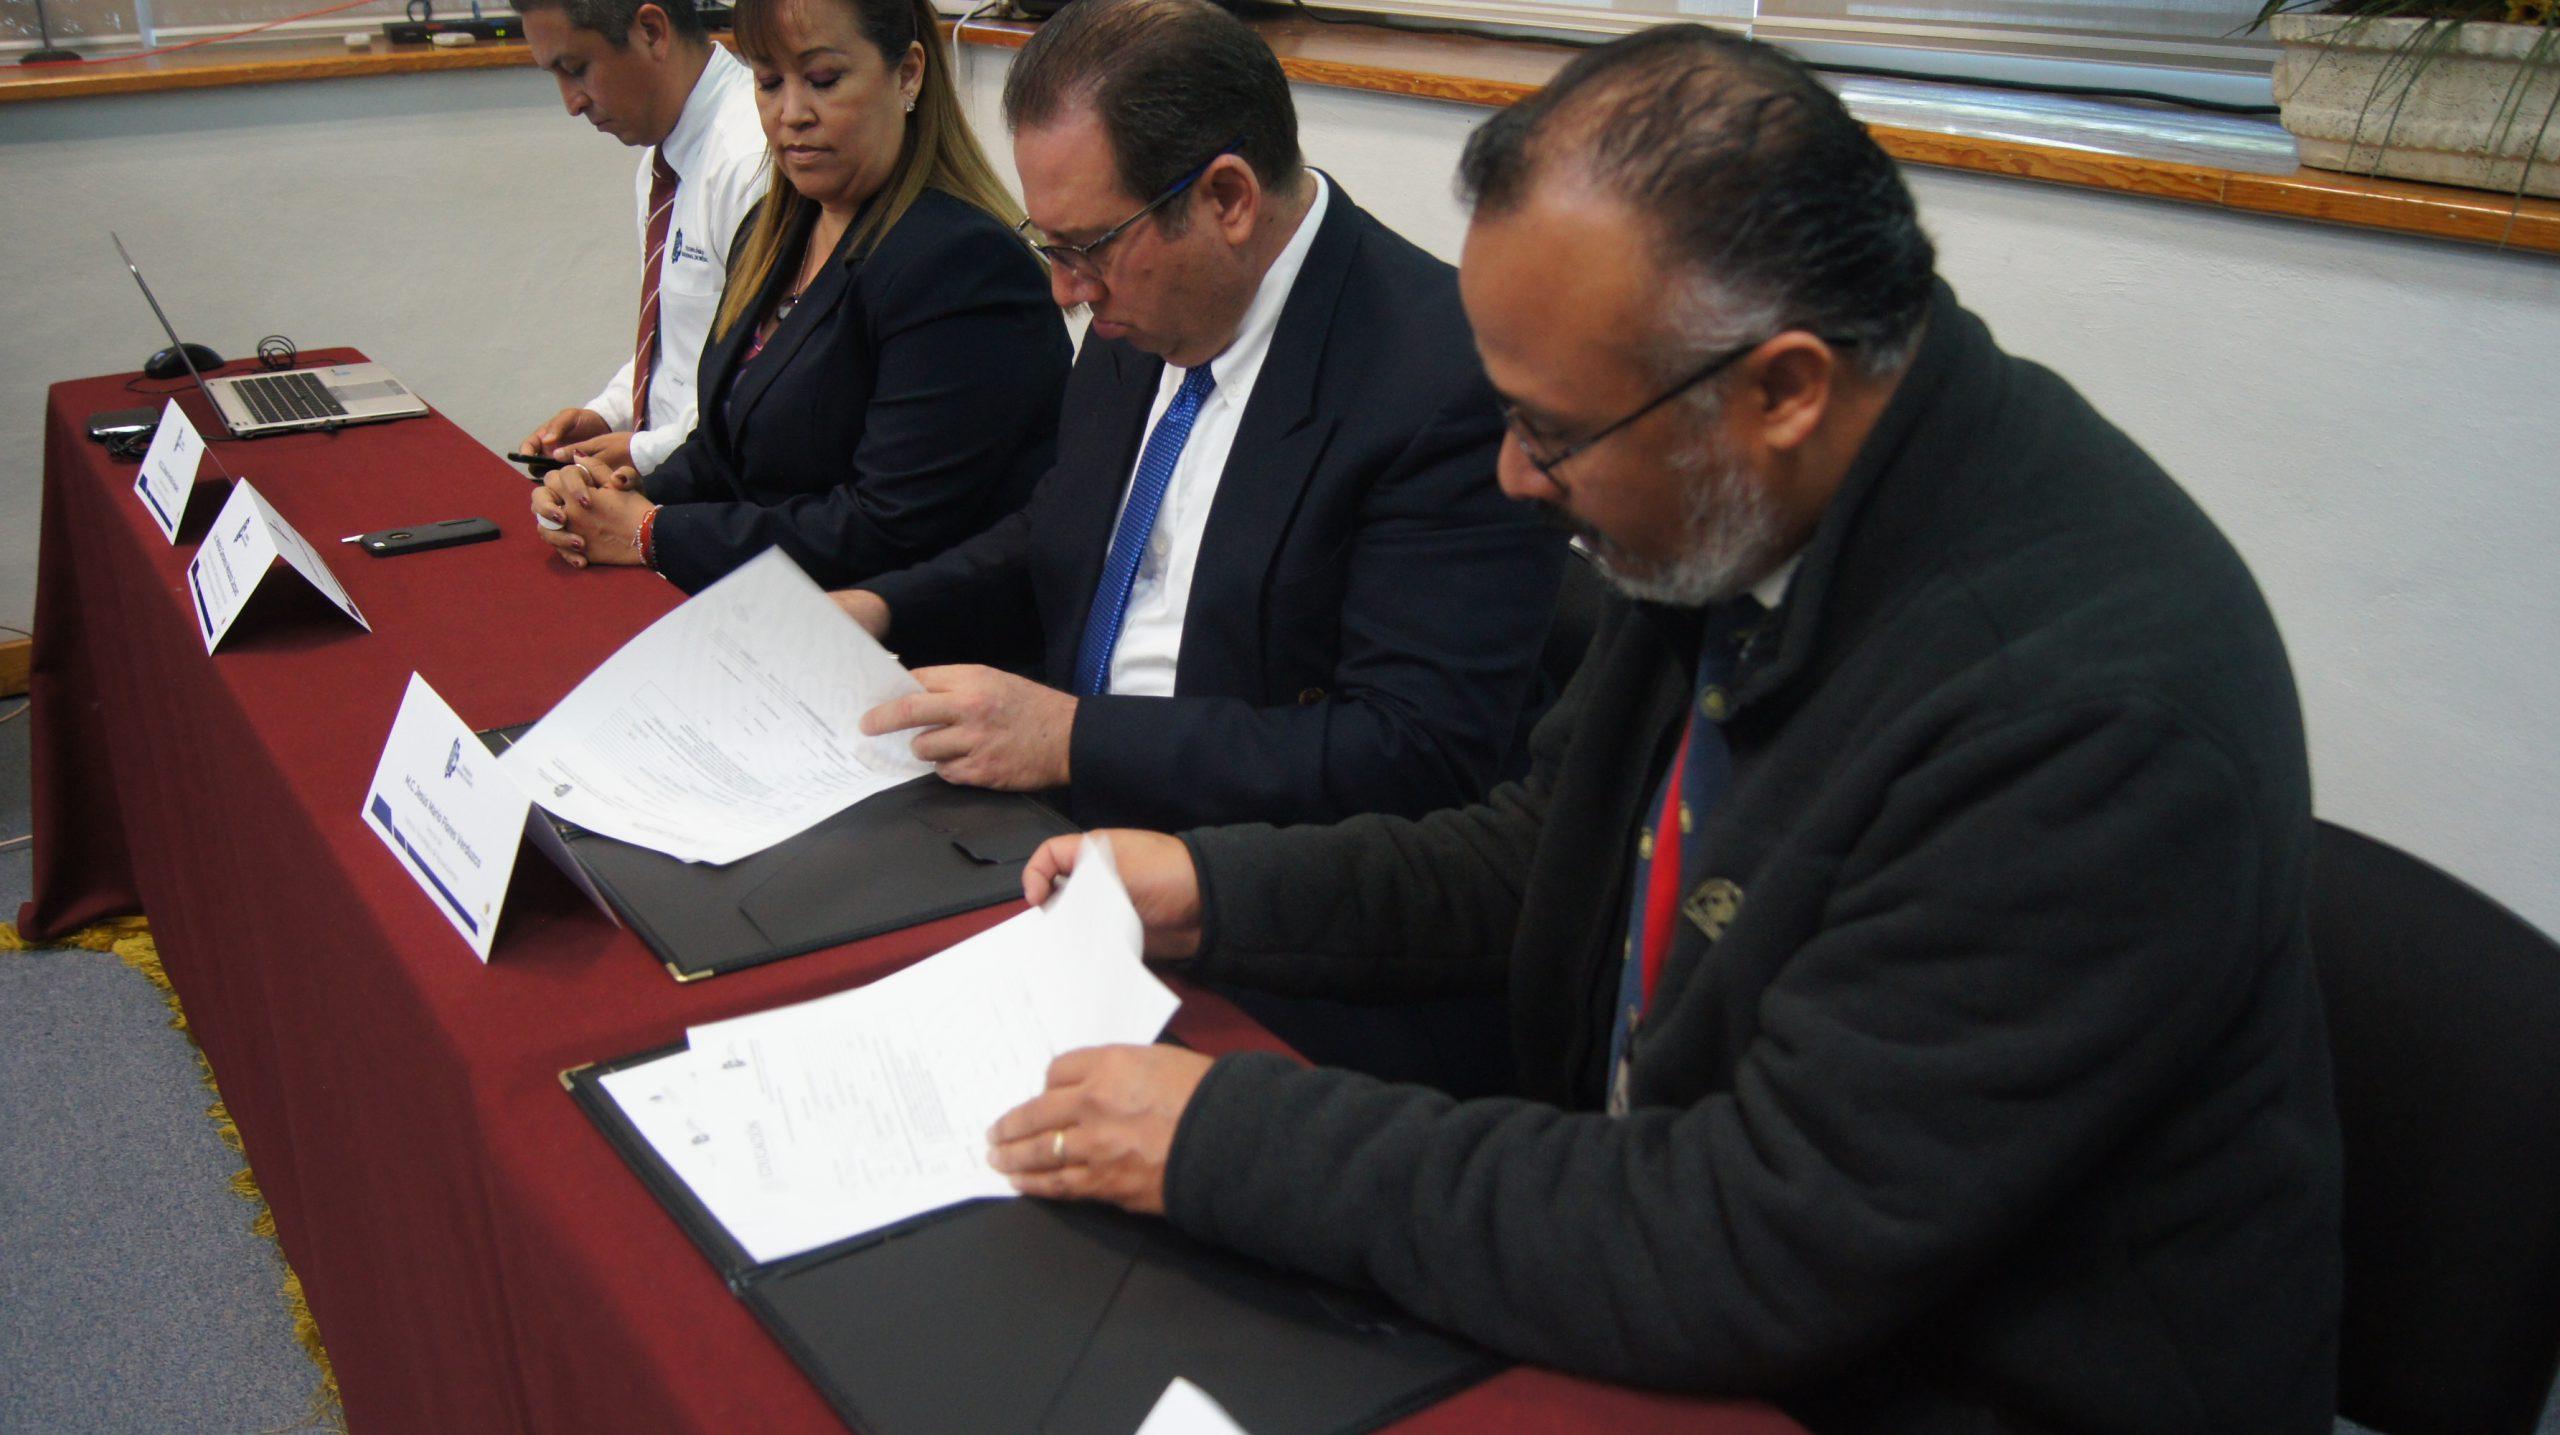 FIRMA DE CONVENIO DEL INSTITUTO TECNOLÓGICO DE AGUASCALIENTES PERTENICIENTE AL TECNOLÓGICO NACIONAL DE MÉXICO Y ACE AERO GROUP